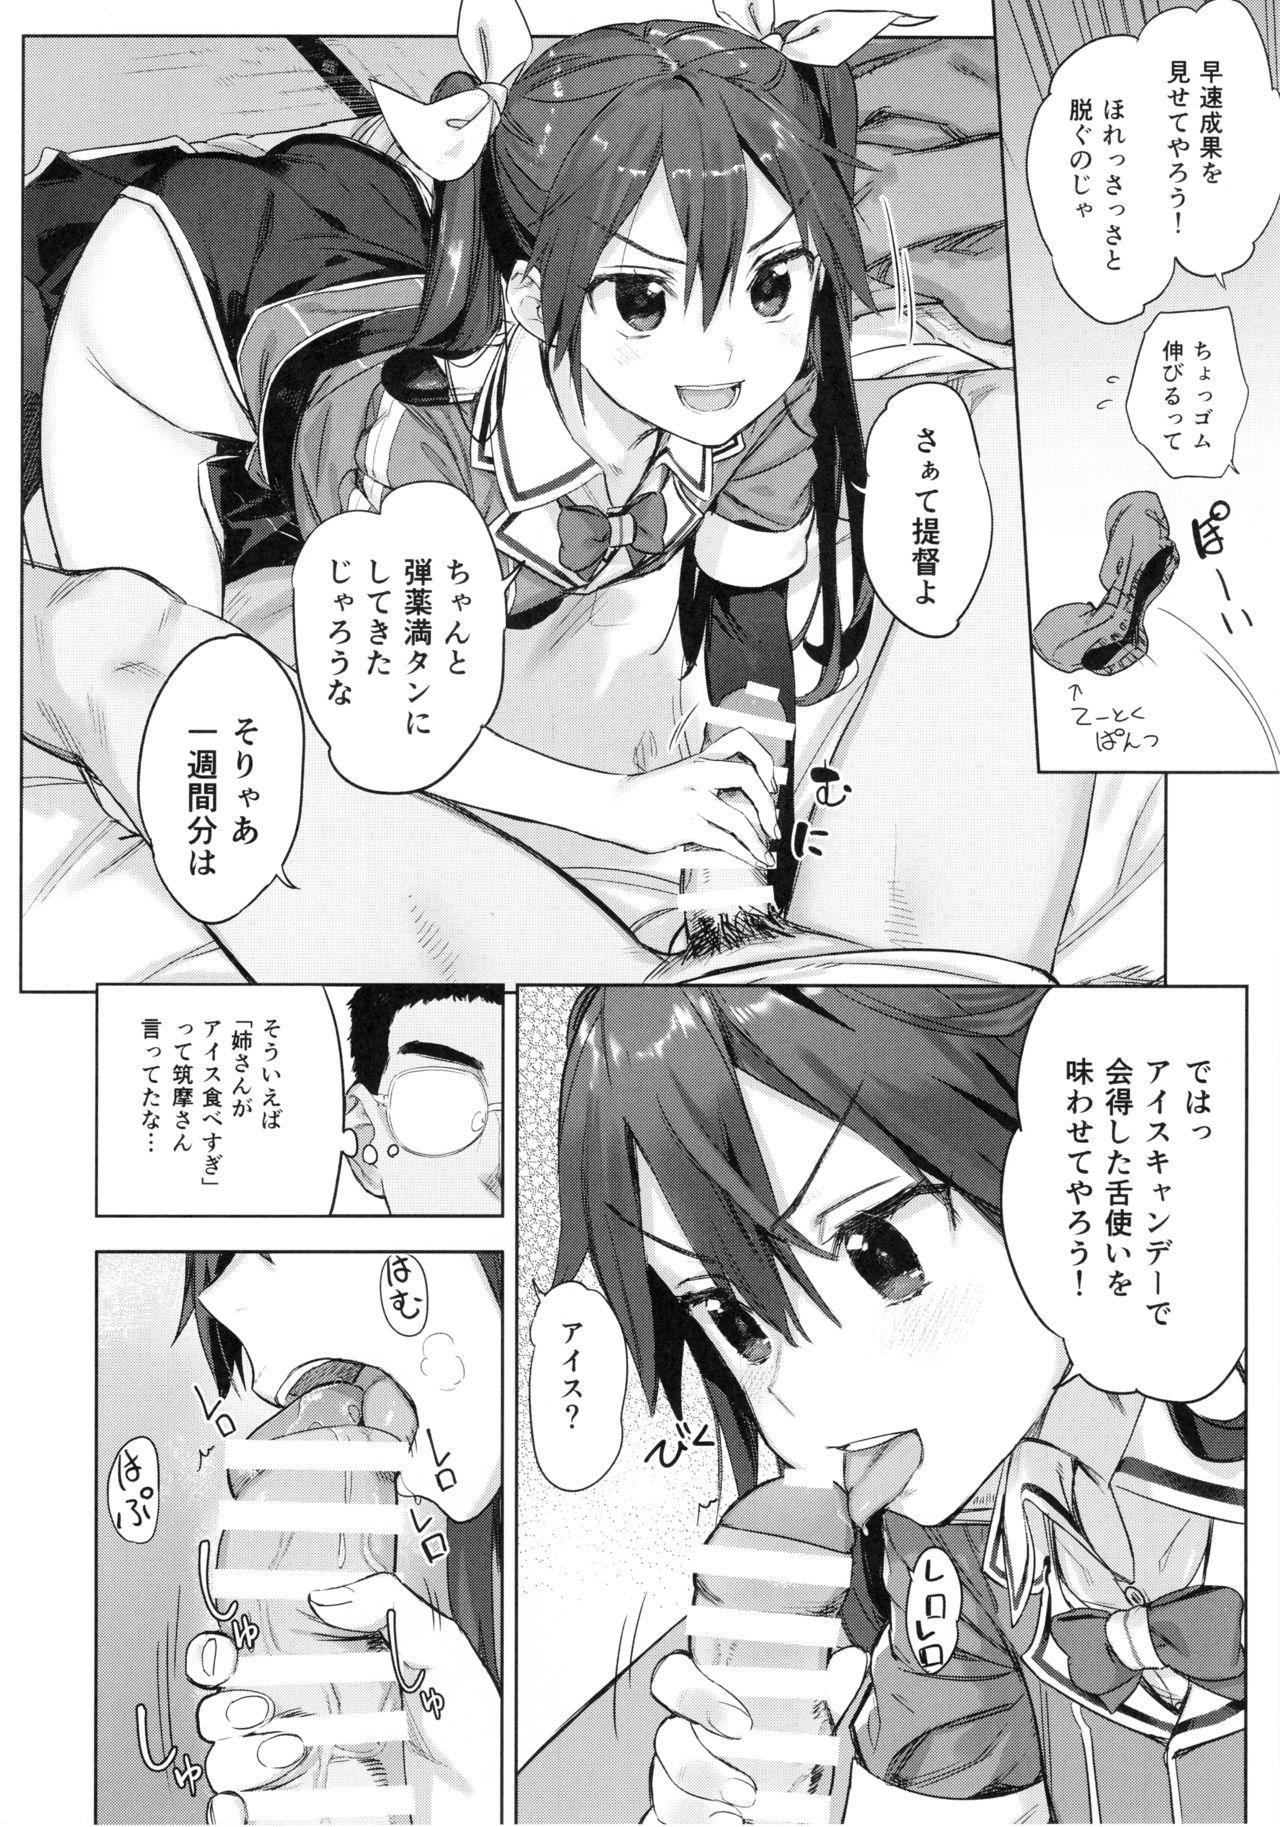 Teitoku yo Wagahai to Yasen de Jissen ja 2